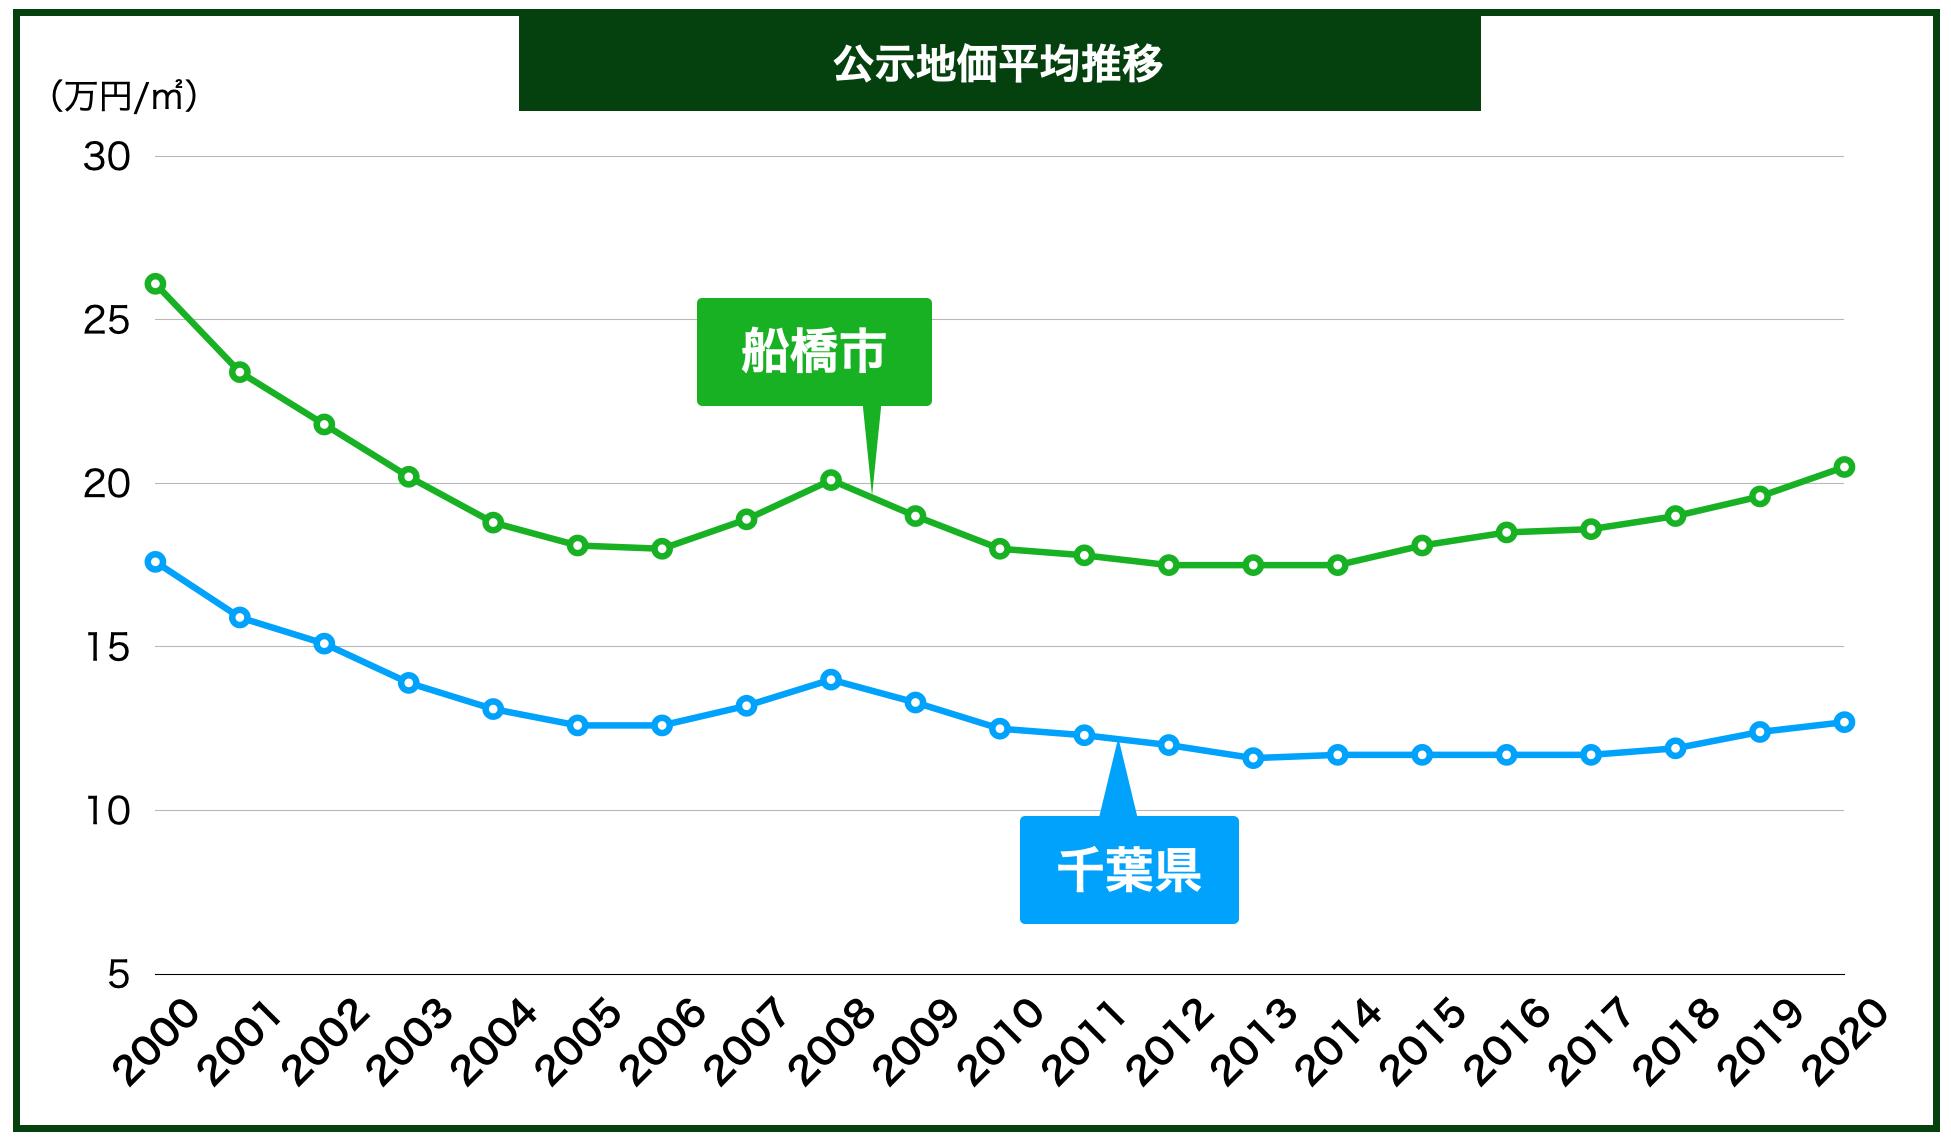 船橋市の公示地価の推移